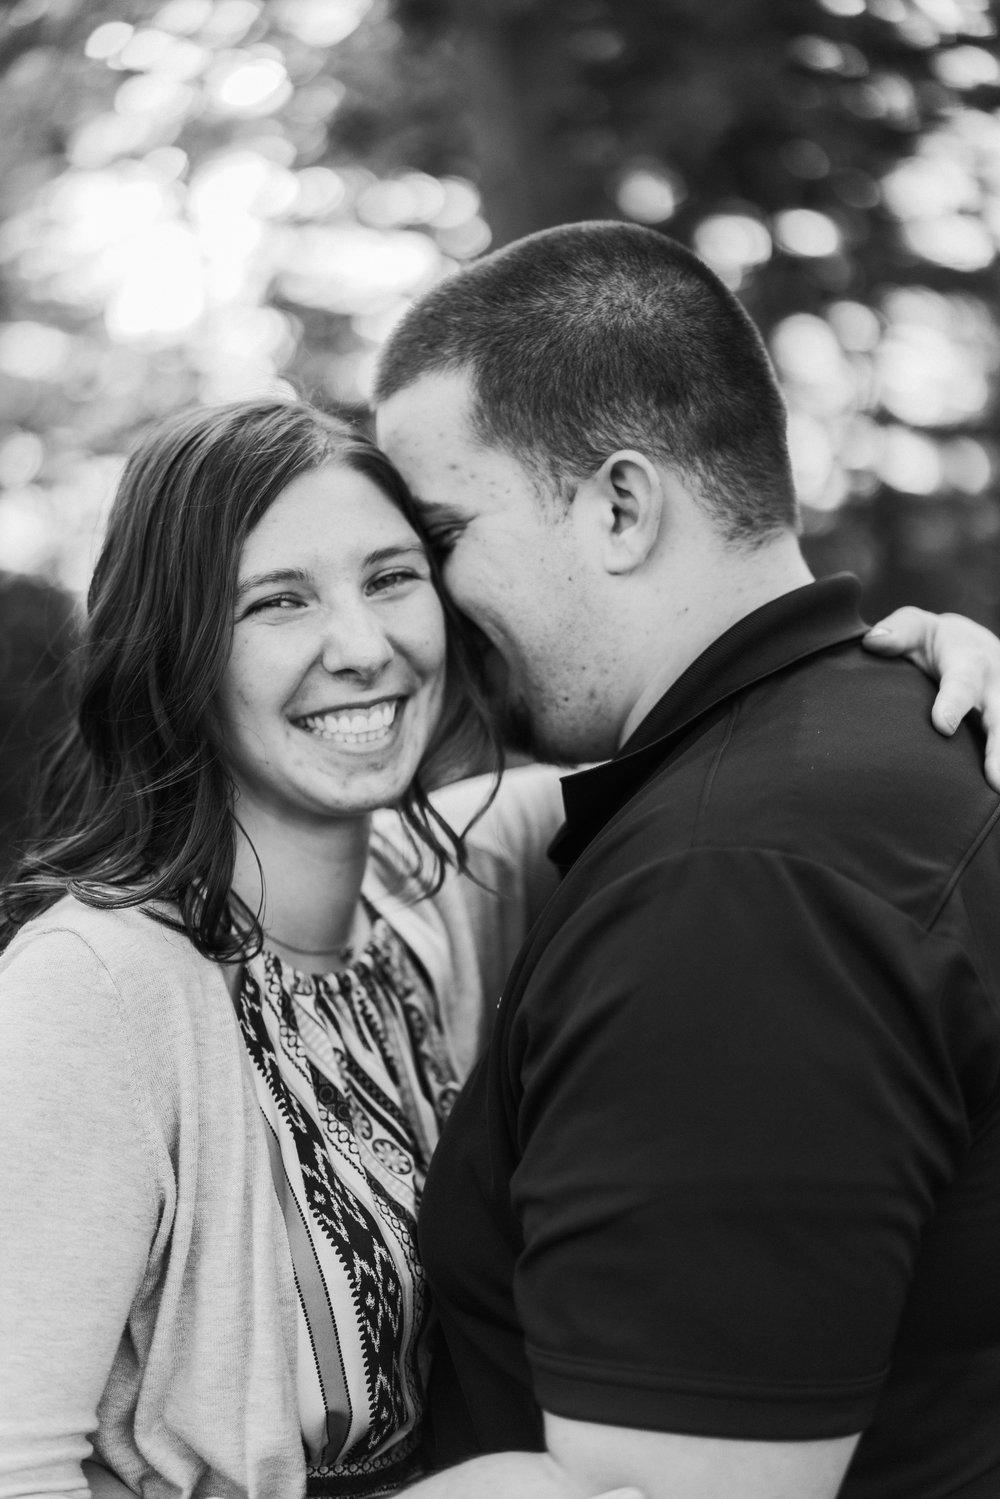 Nashville Wedding Photographer_K&M Engagement Session-10